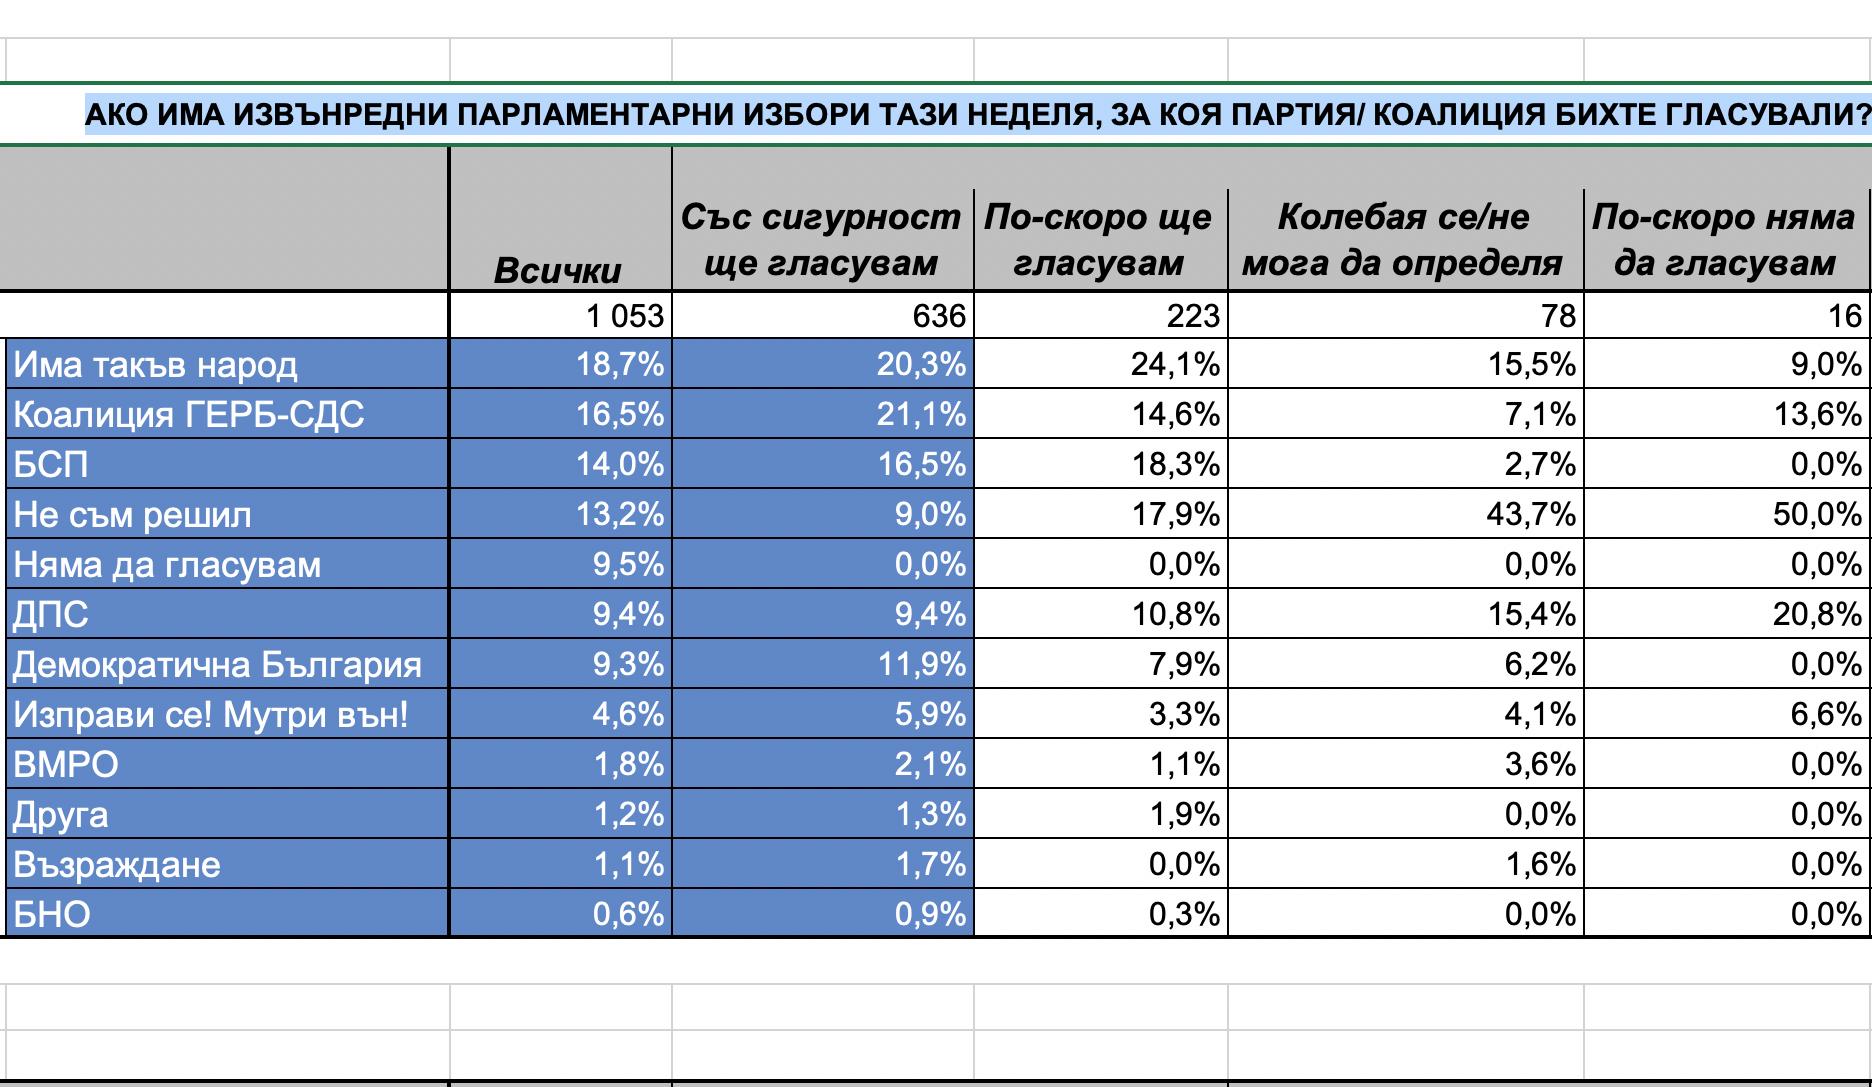 """Точно 1 месец след изборите и два преди новия вот: """"Има такъв народ"""" – 18,7%, ГЕРБ – 16,5%, но…"""